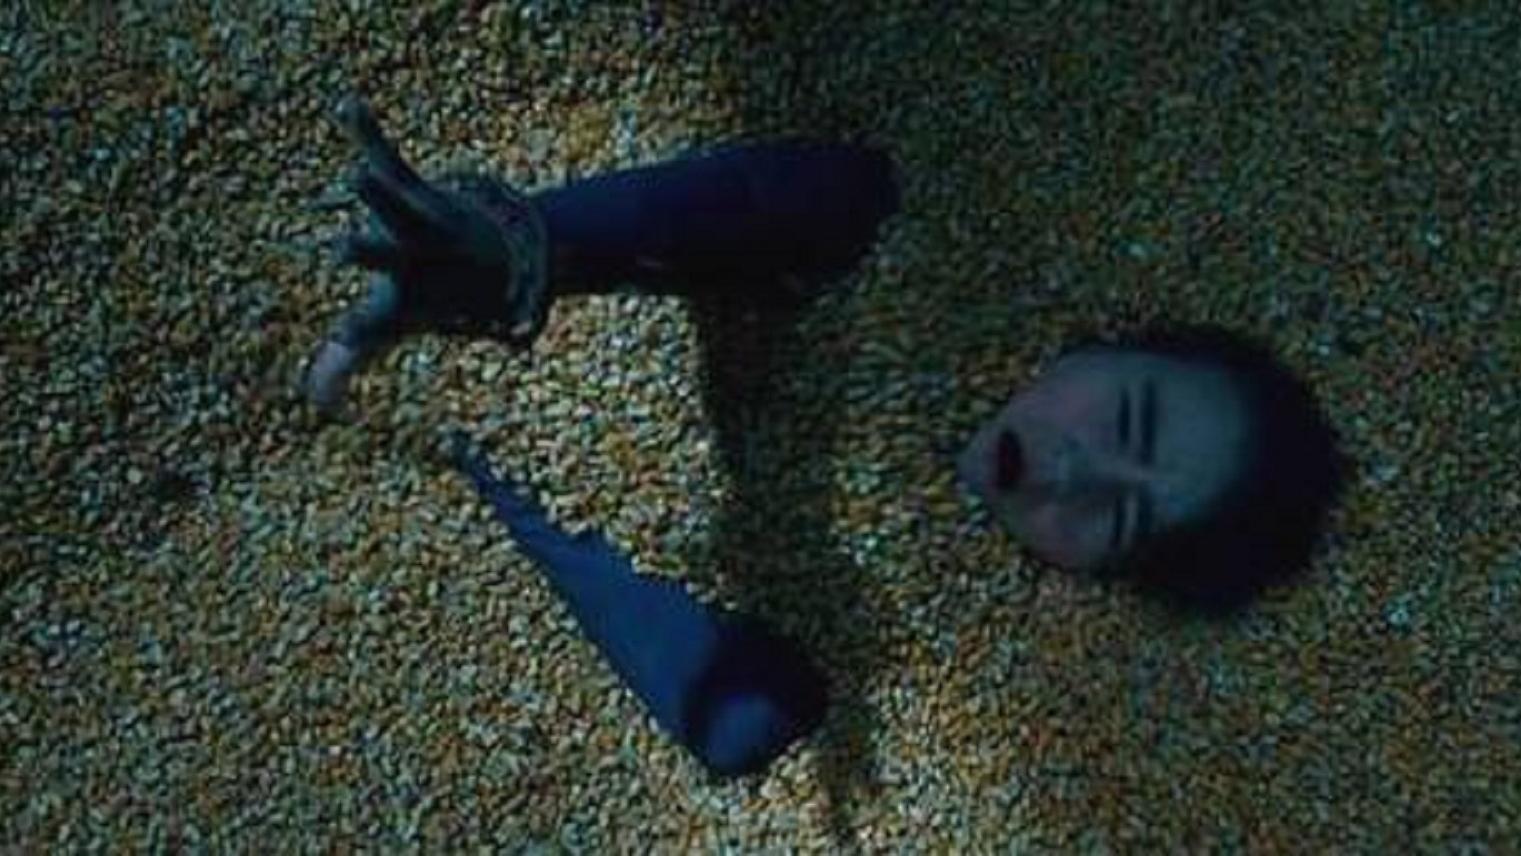 #电影迷的修养#美国人气恐怖片《寂静之地》:想要活命,就必须保持安静!